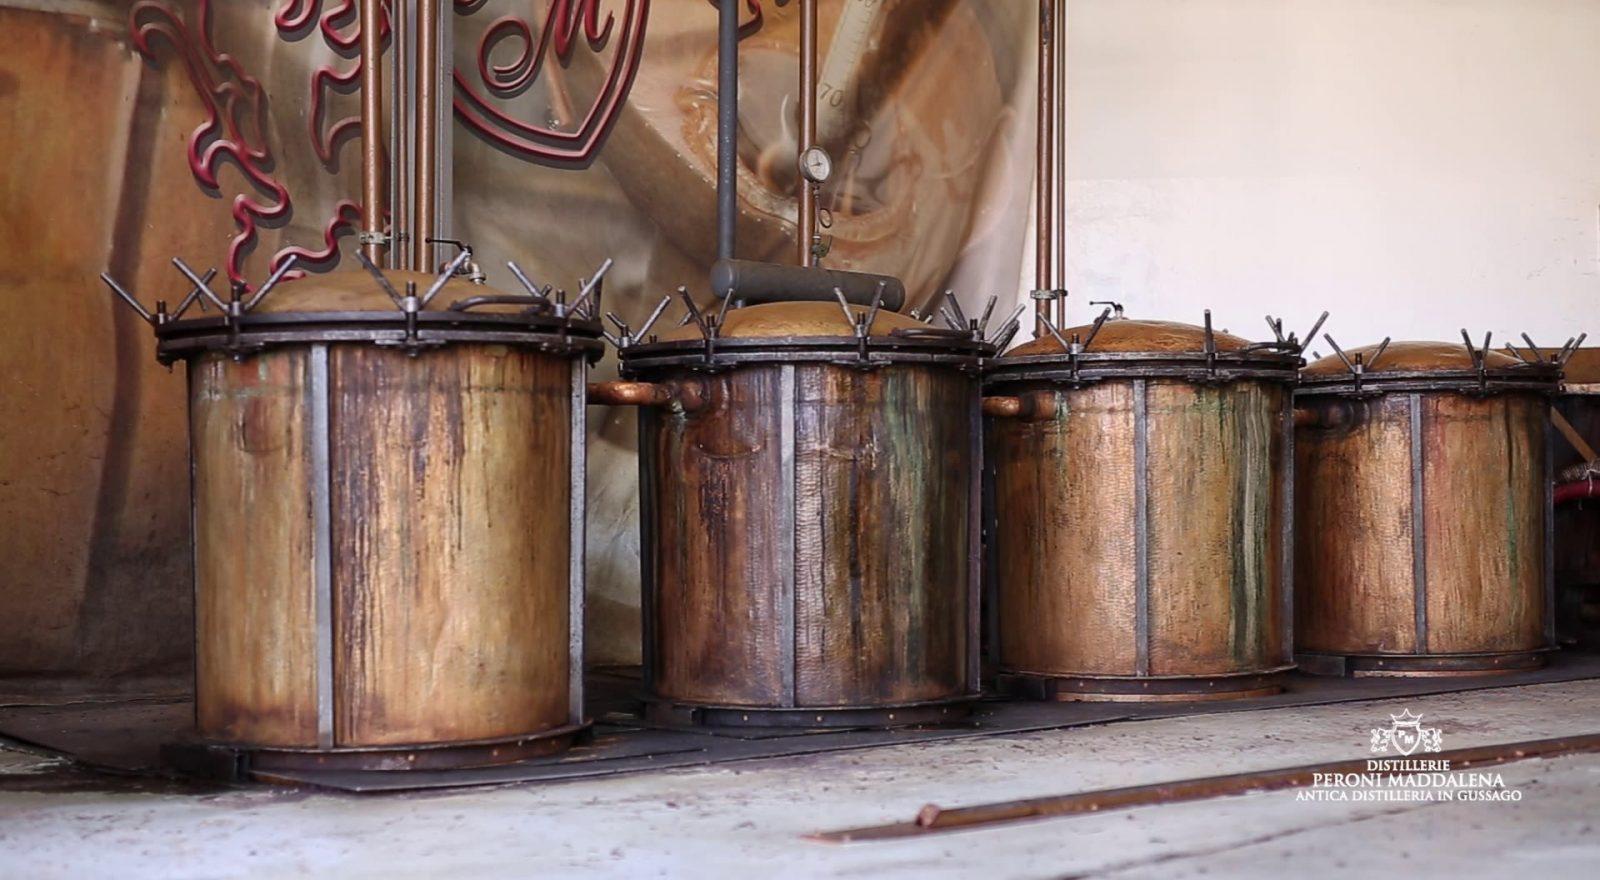 Lavorazione della Distilleria Peroni a Gussago